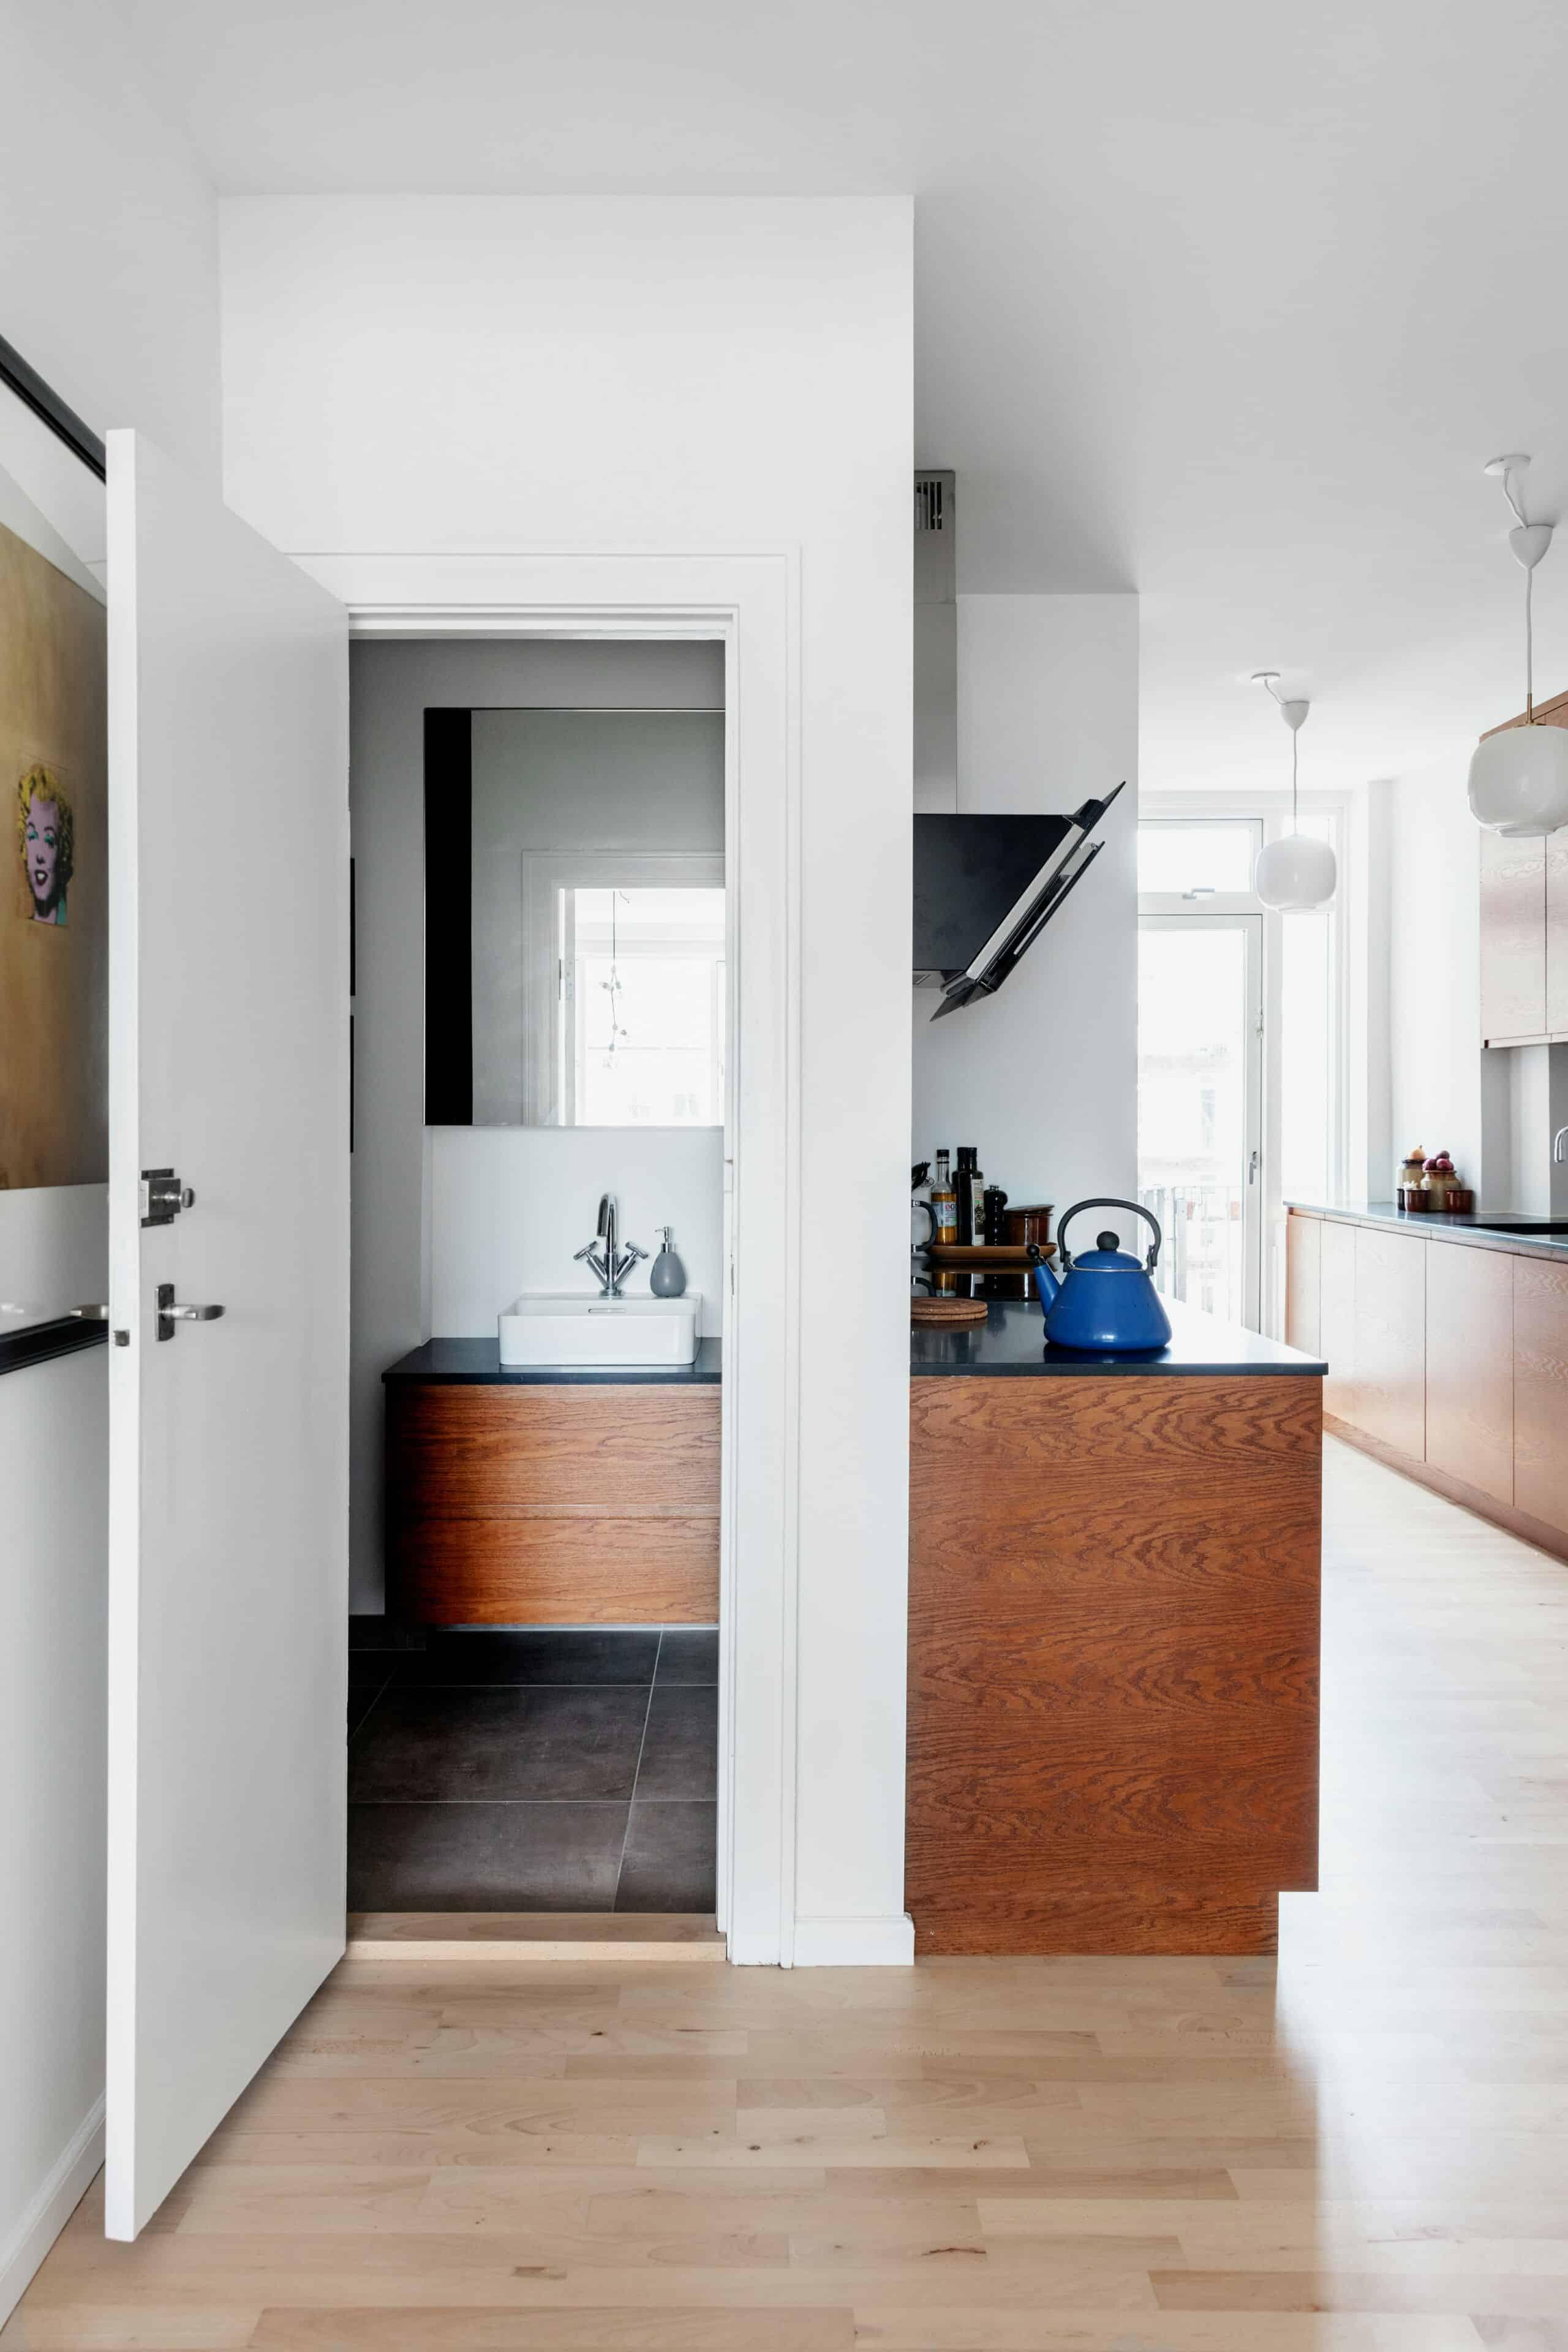 Nyt bad og køkken tegnet af arkitekt i lejlighed i funkisstil